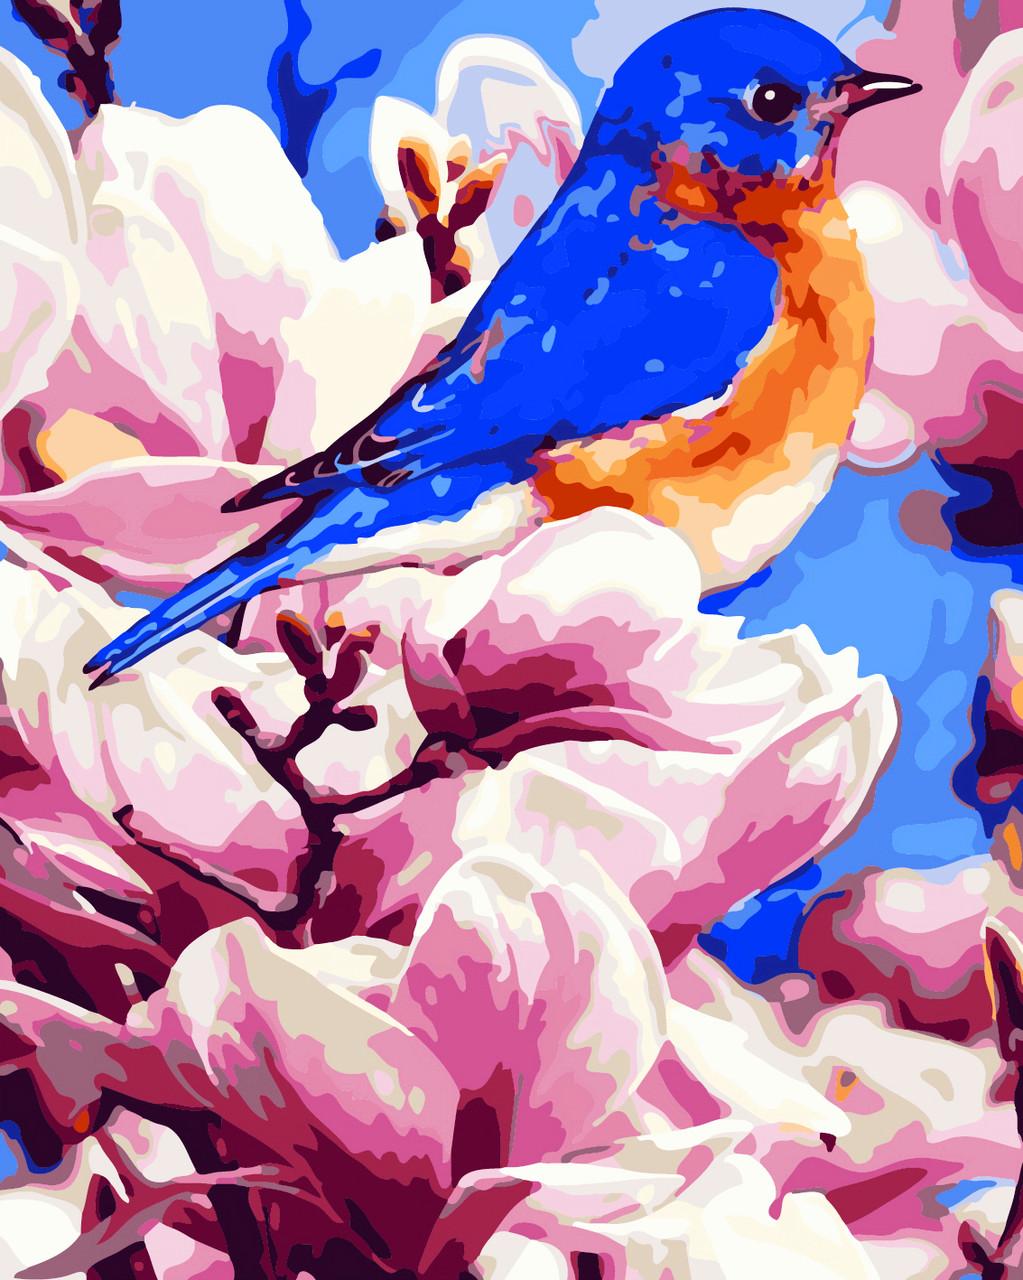 Художественный творческий набор, картина по номерам Яркая птичка, 40x50 см, «Art Story» (AS0279)